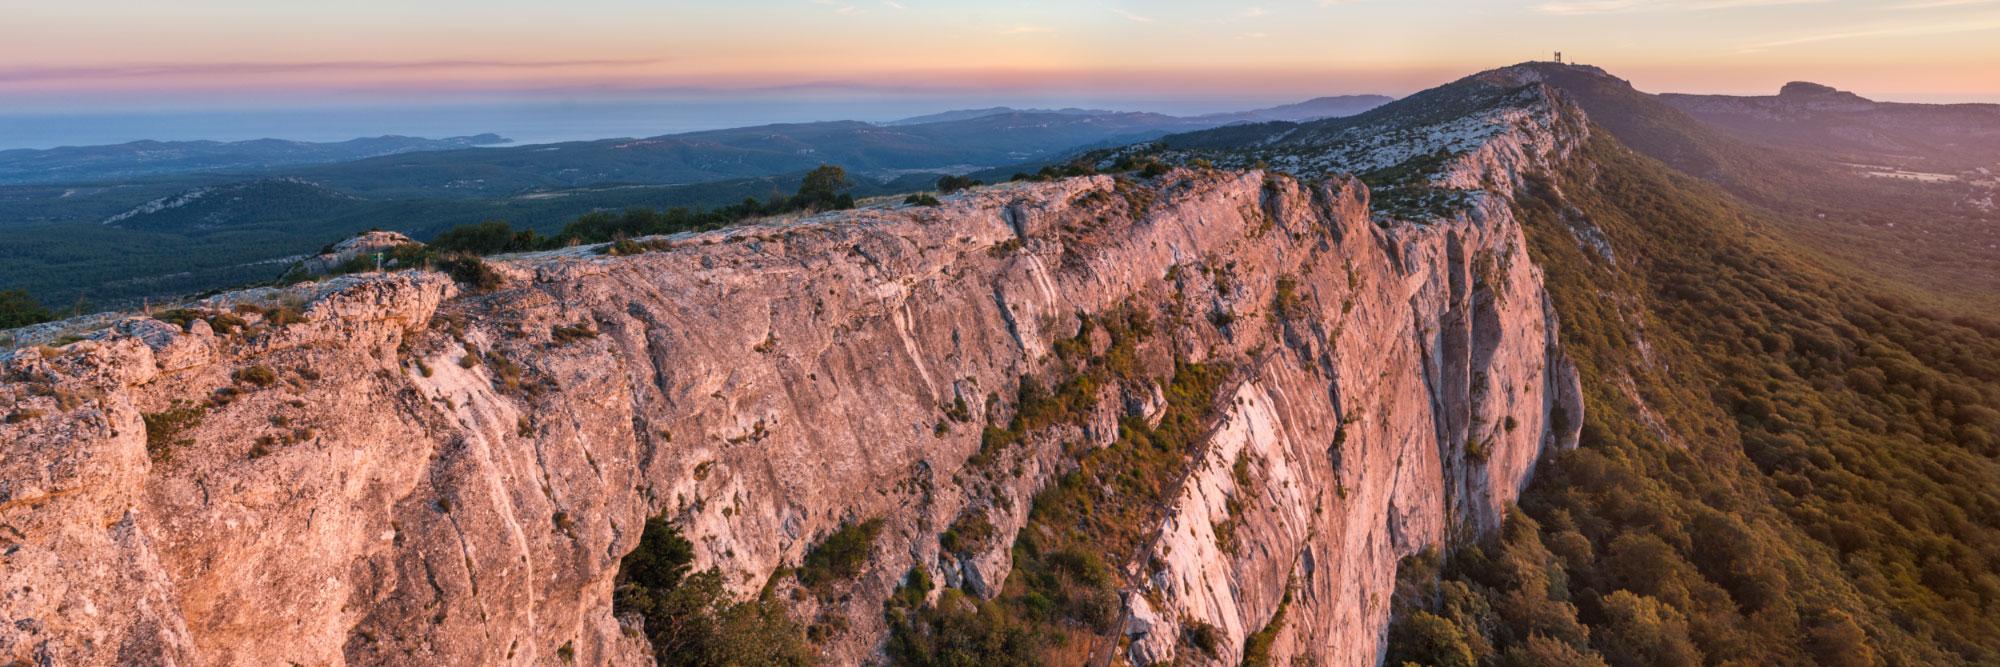 Crête calcaire de la Sainte-Baume